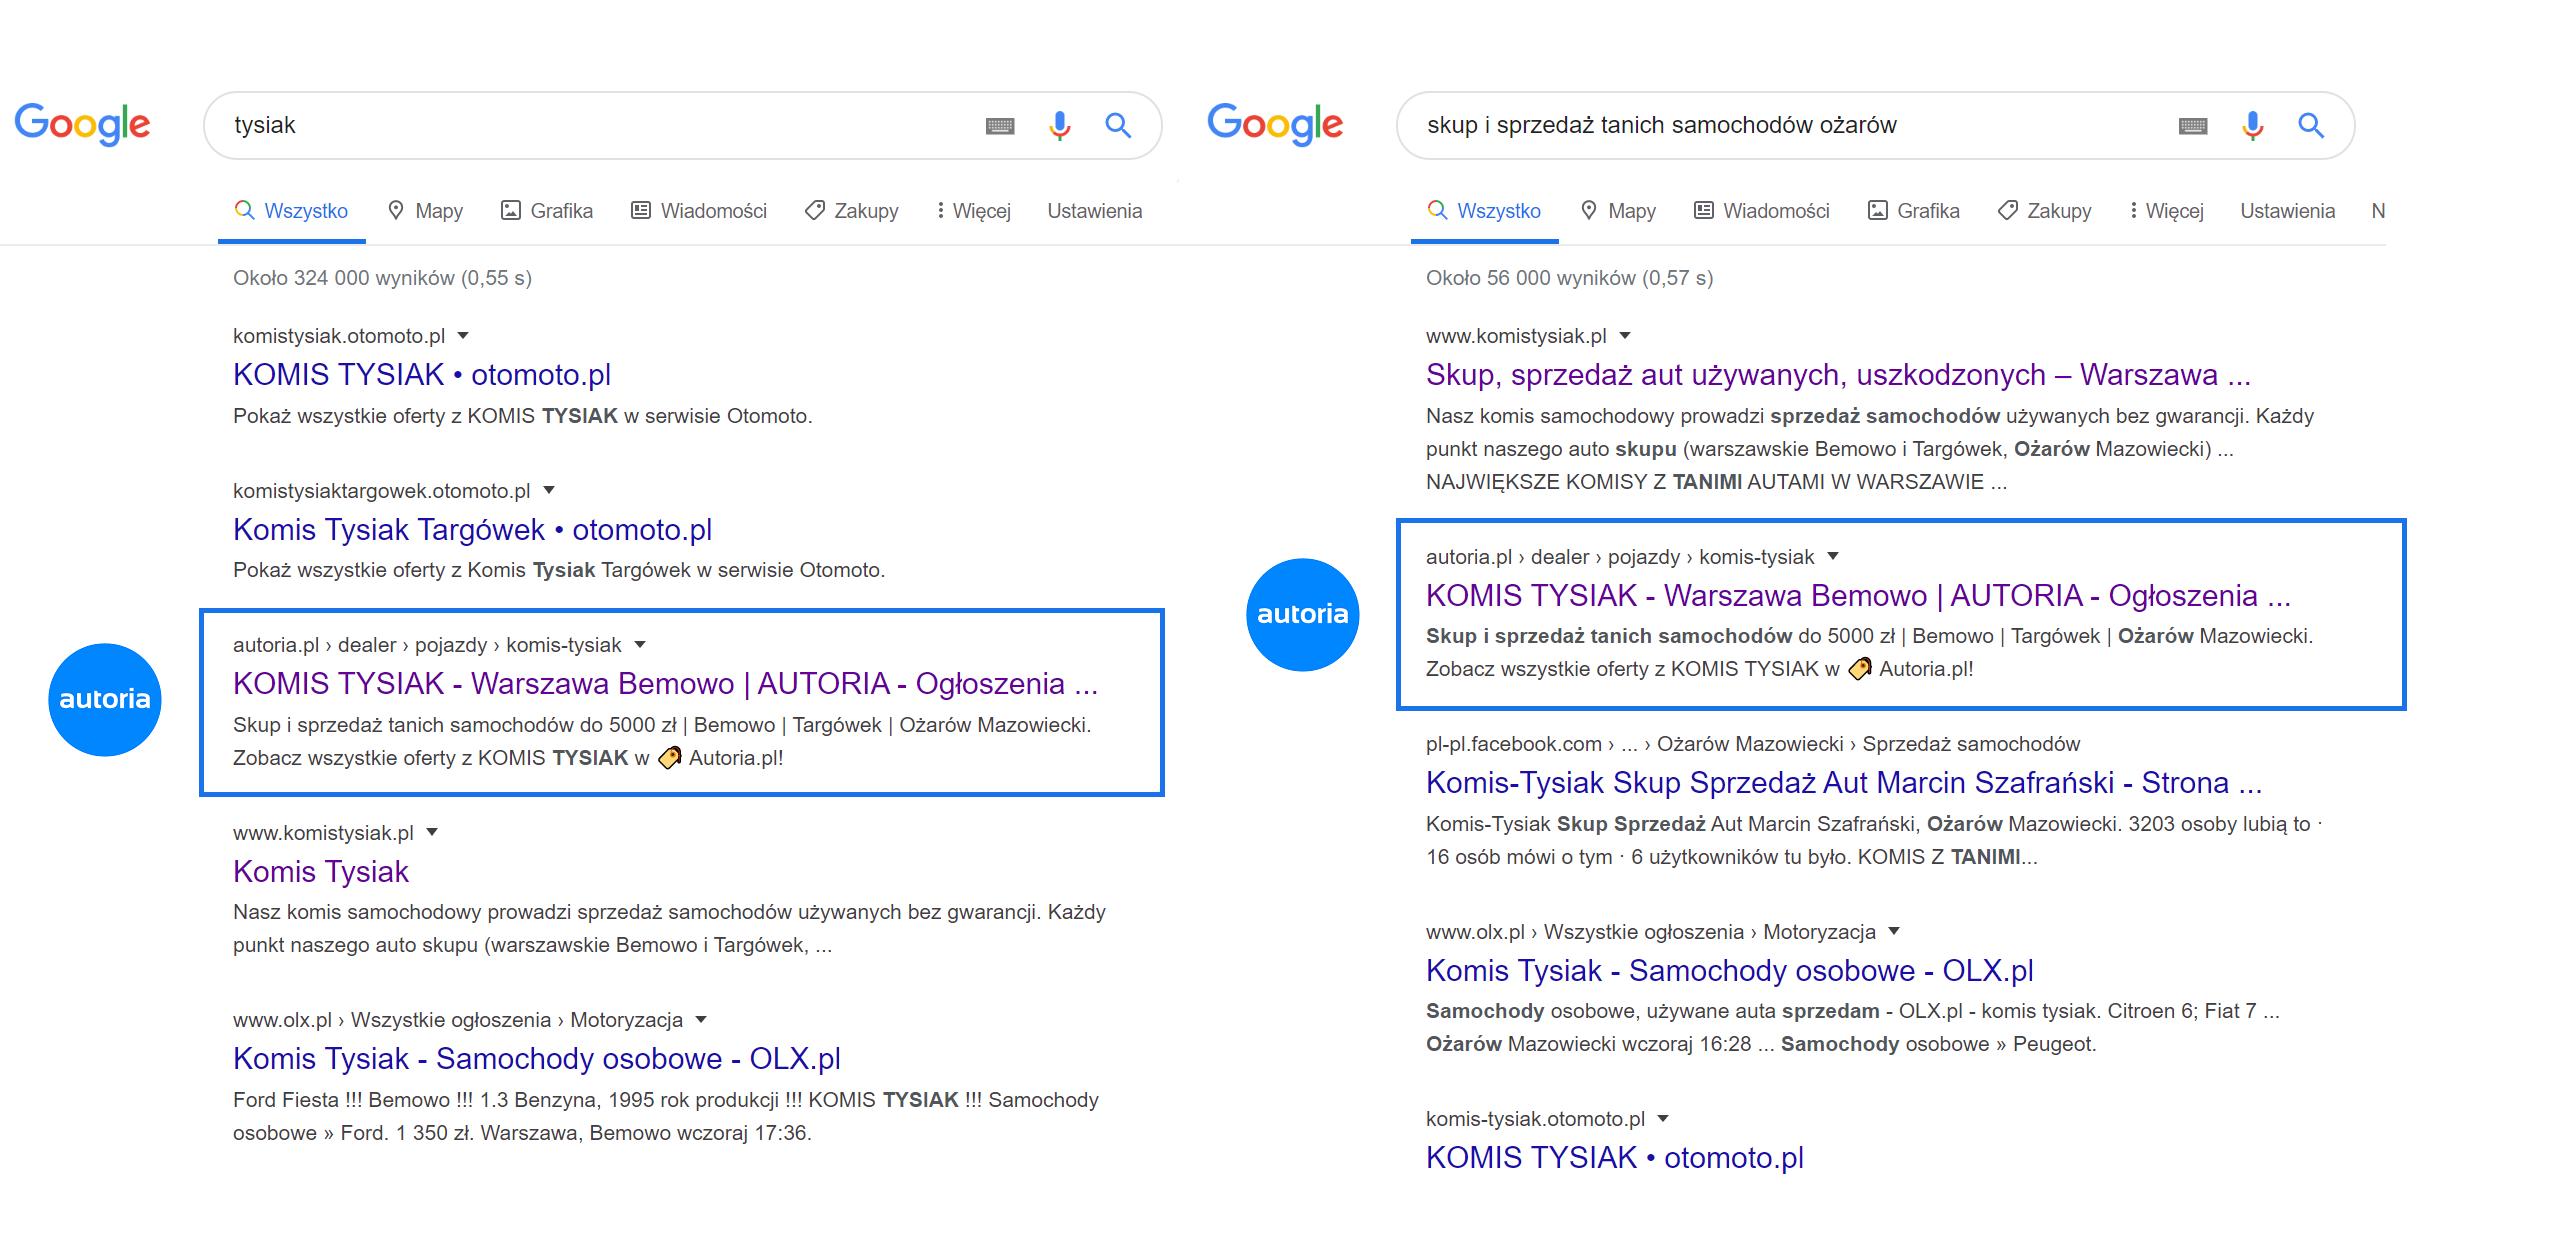 Wysokie pozycje Komis Tysiak w wyszukiwarce Google